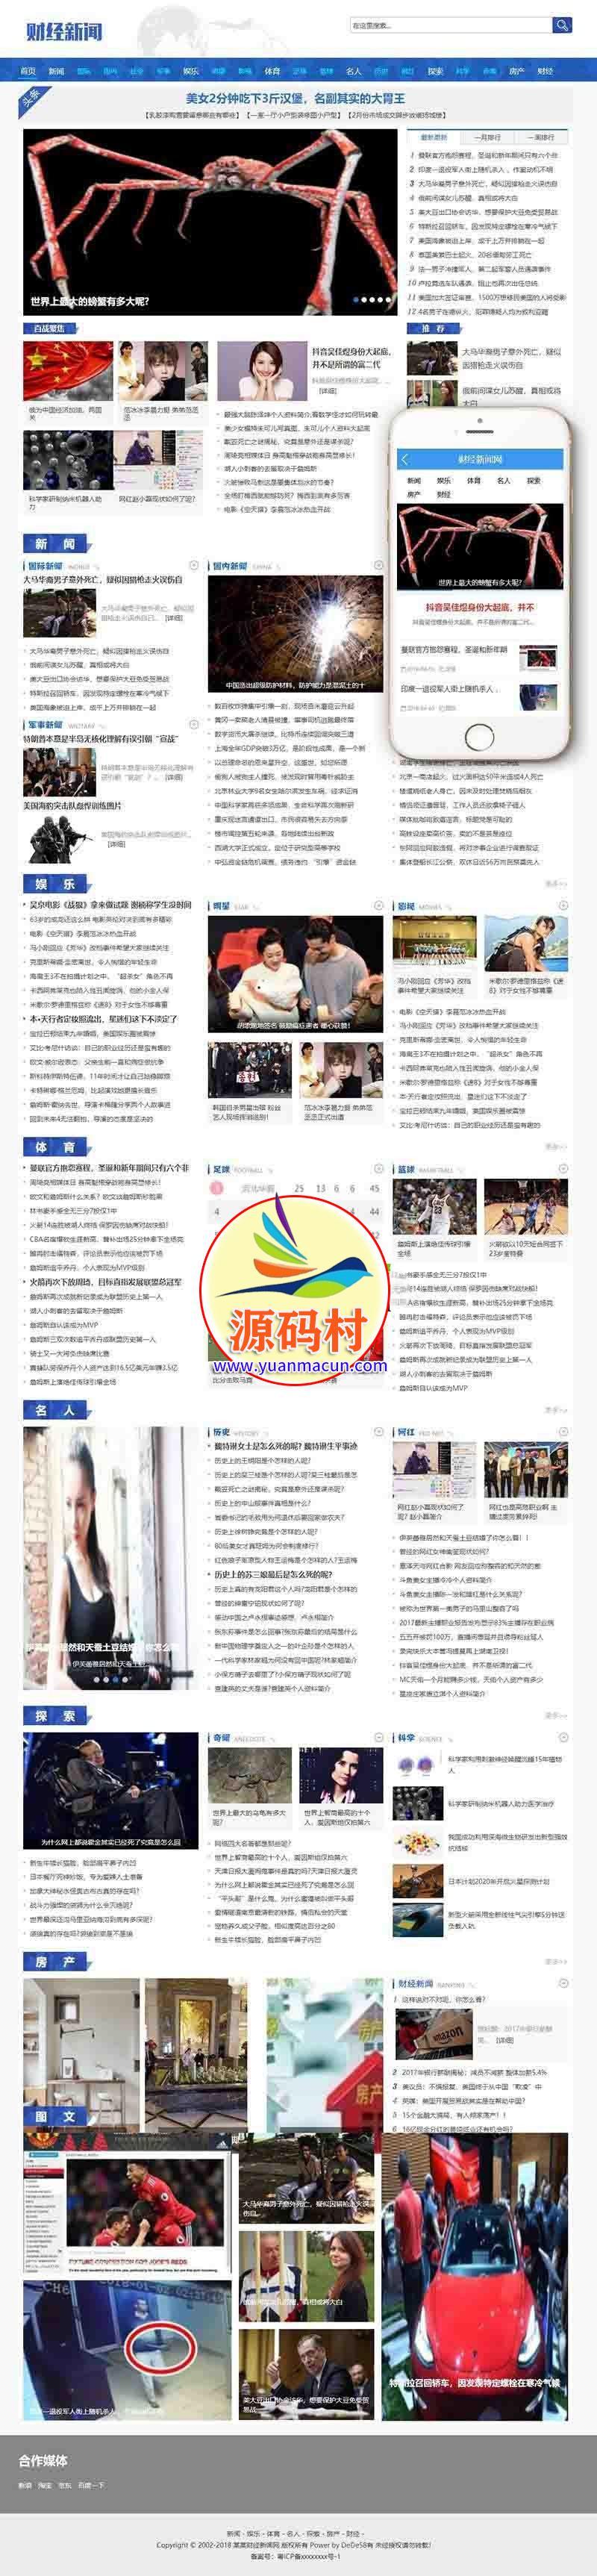 dedecms织梦 社会财经新闻资讯网类网站源码(带手机端) 新闻资讯类整站源码下载